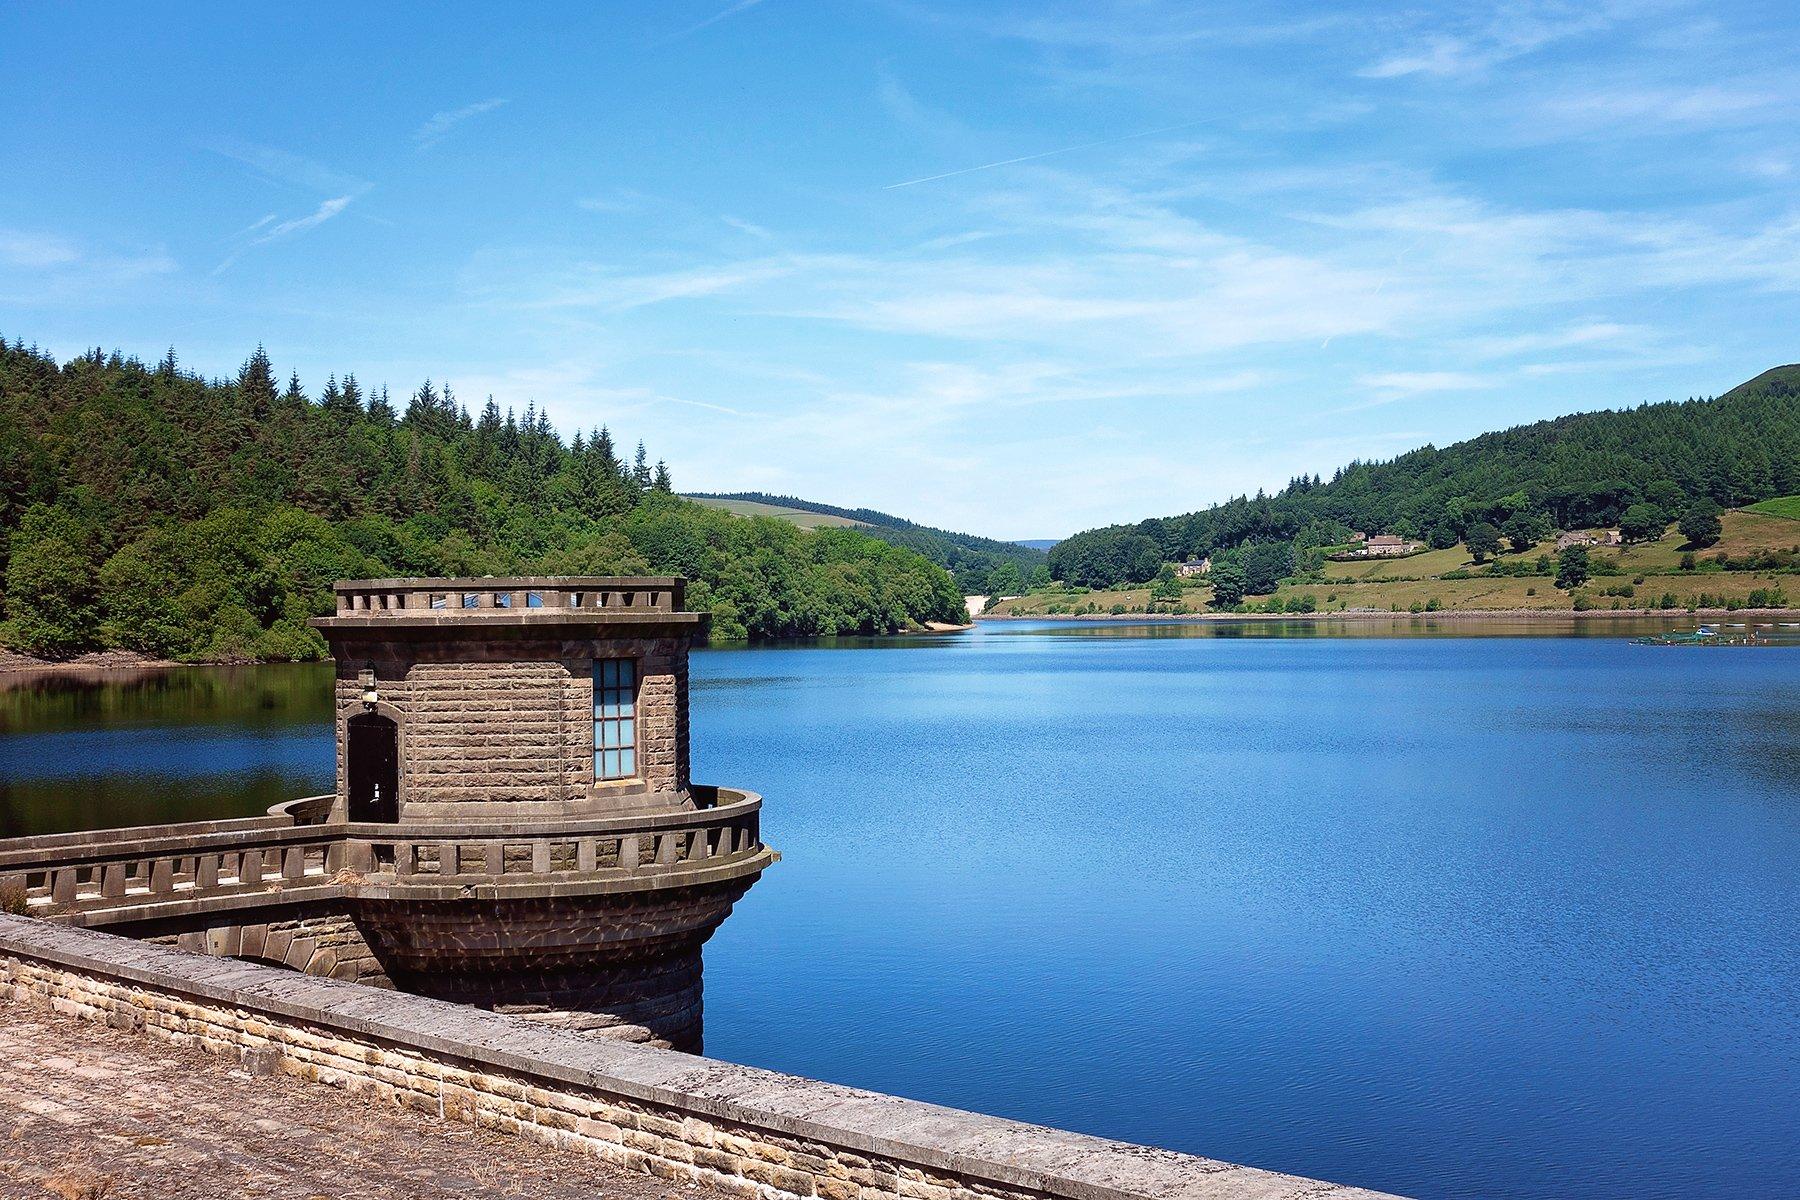 Ladybower Reservoir in Derbyshire, UK